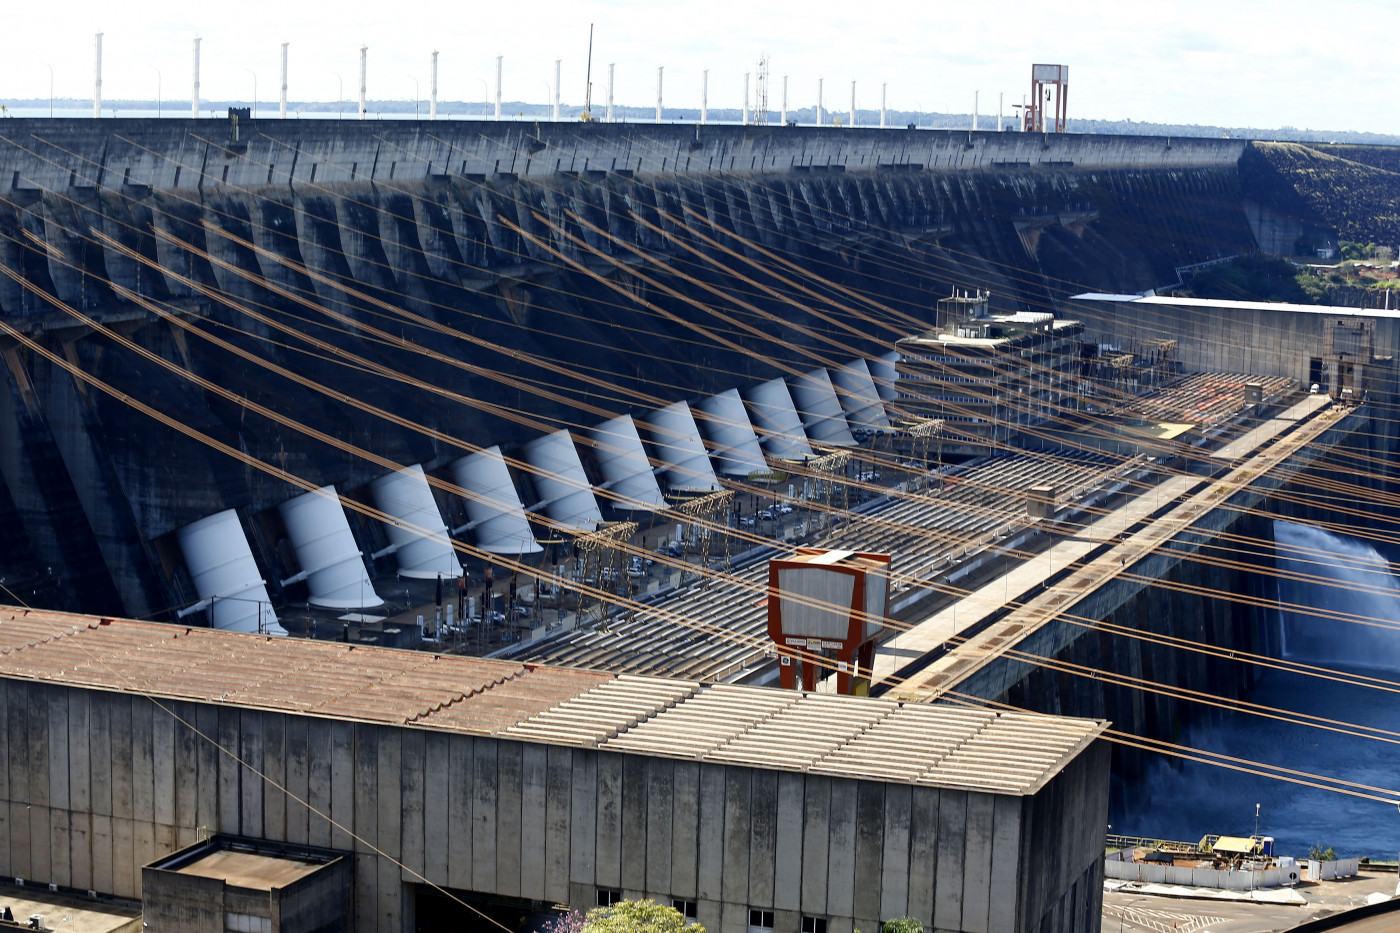 Vista geral da Usina Hidrelétrica de Itaipu, em Foz do Iguaçu (PR)